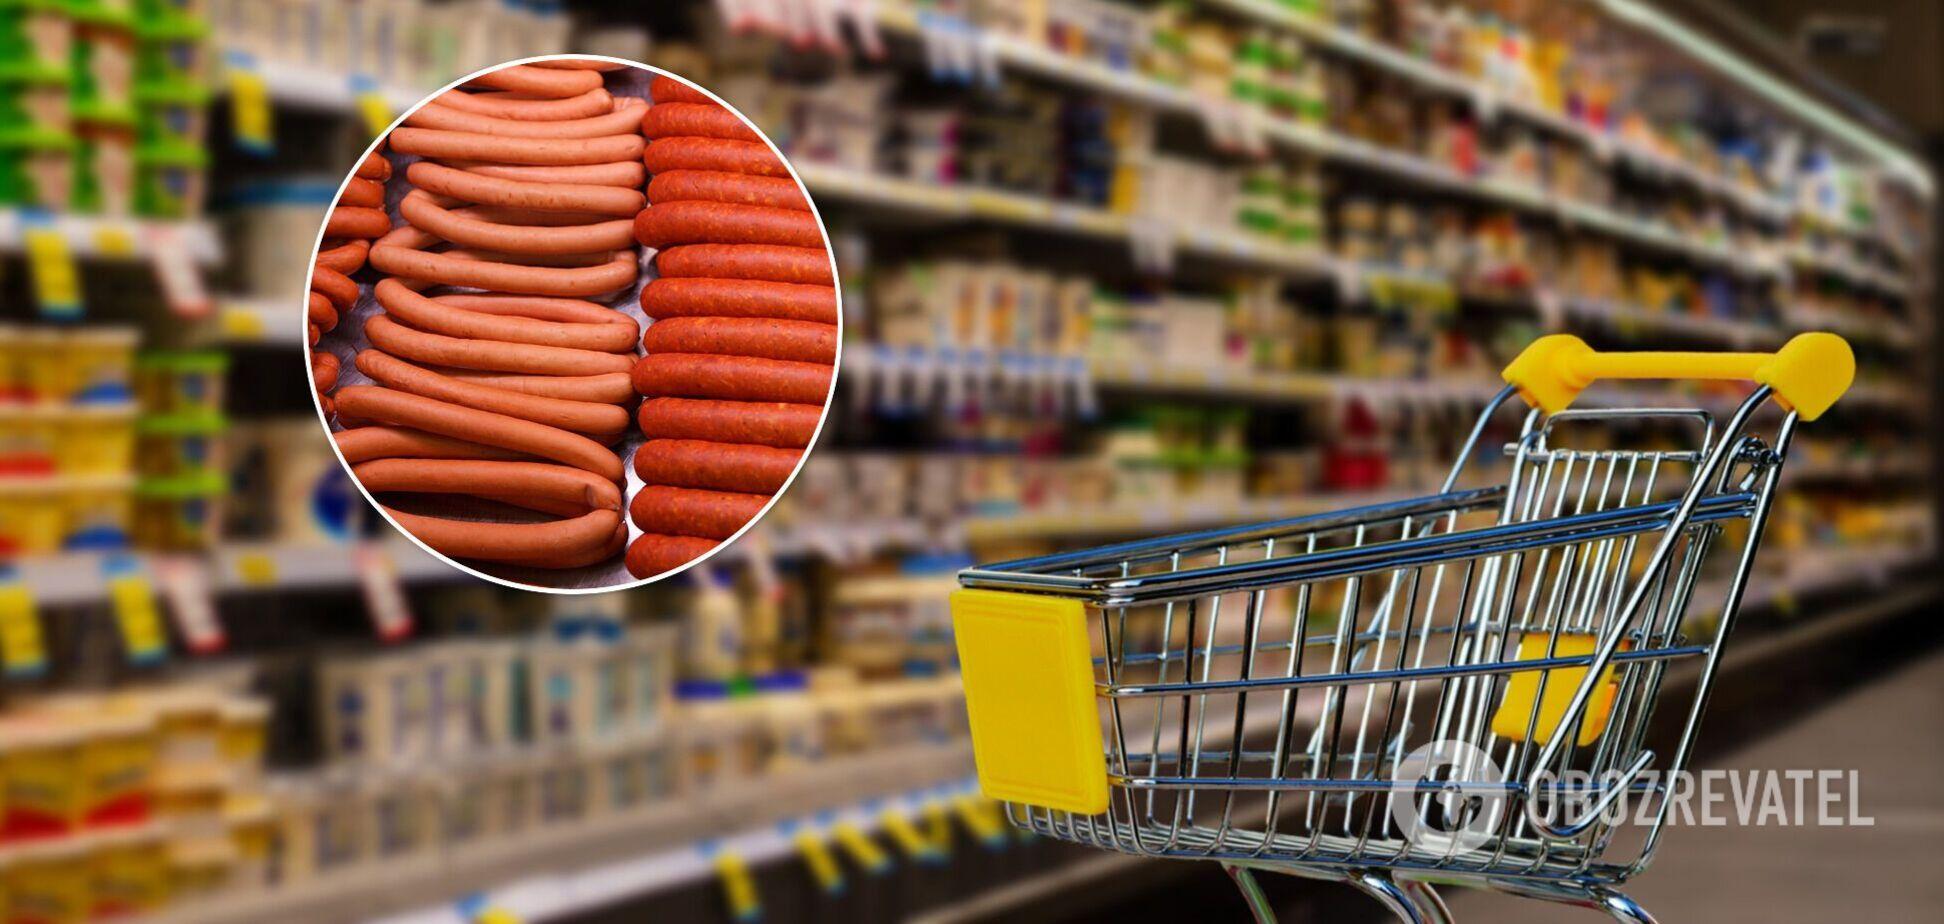 В Украине растет количество фальсифицированных продуктов